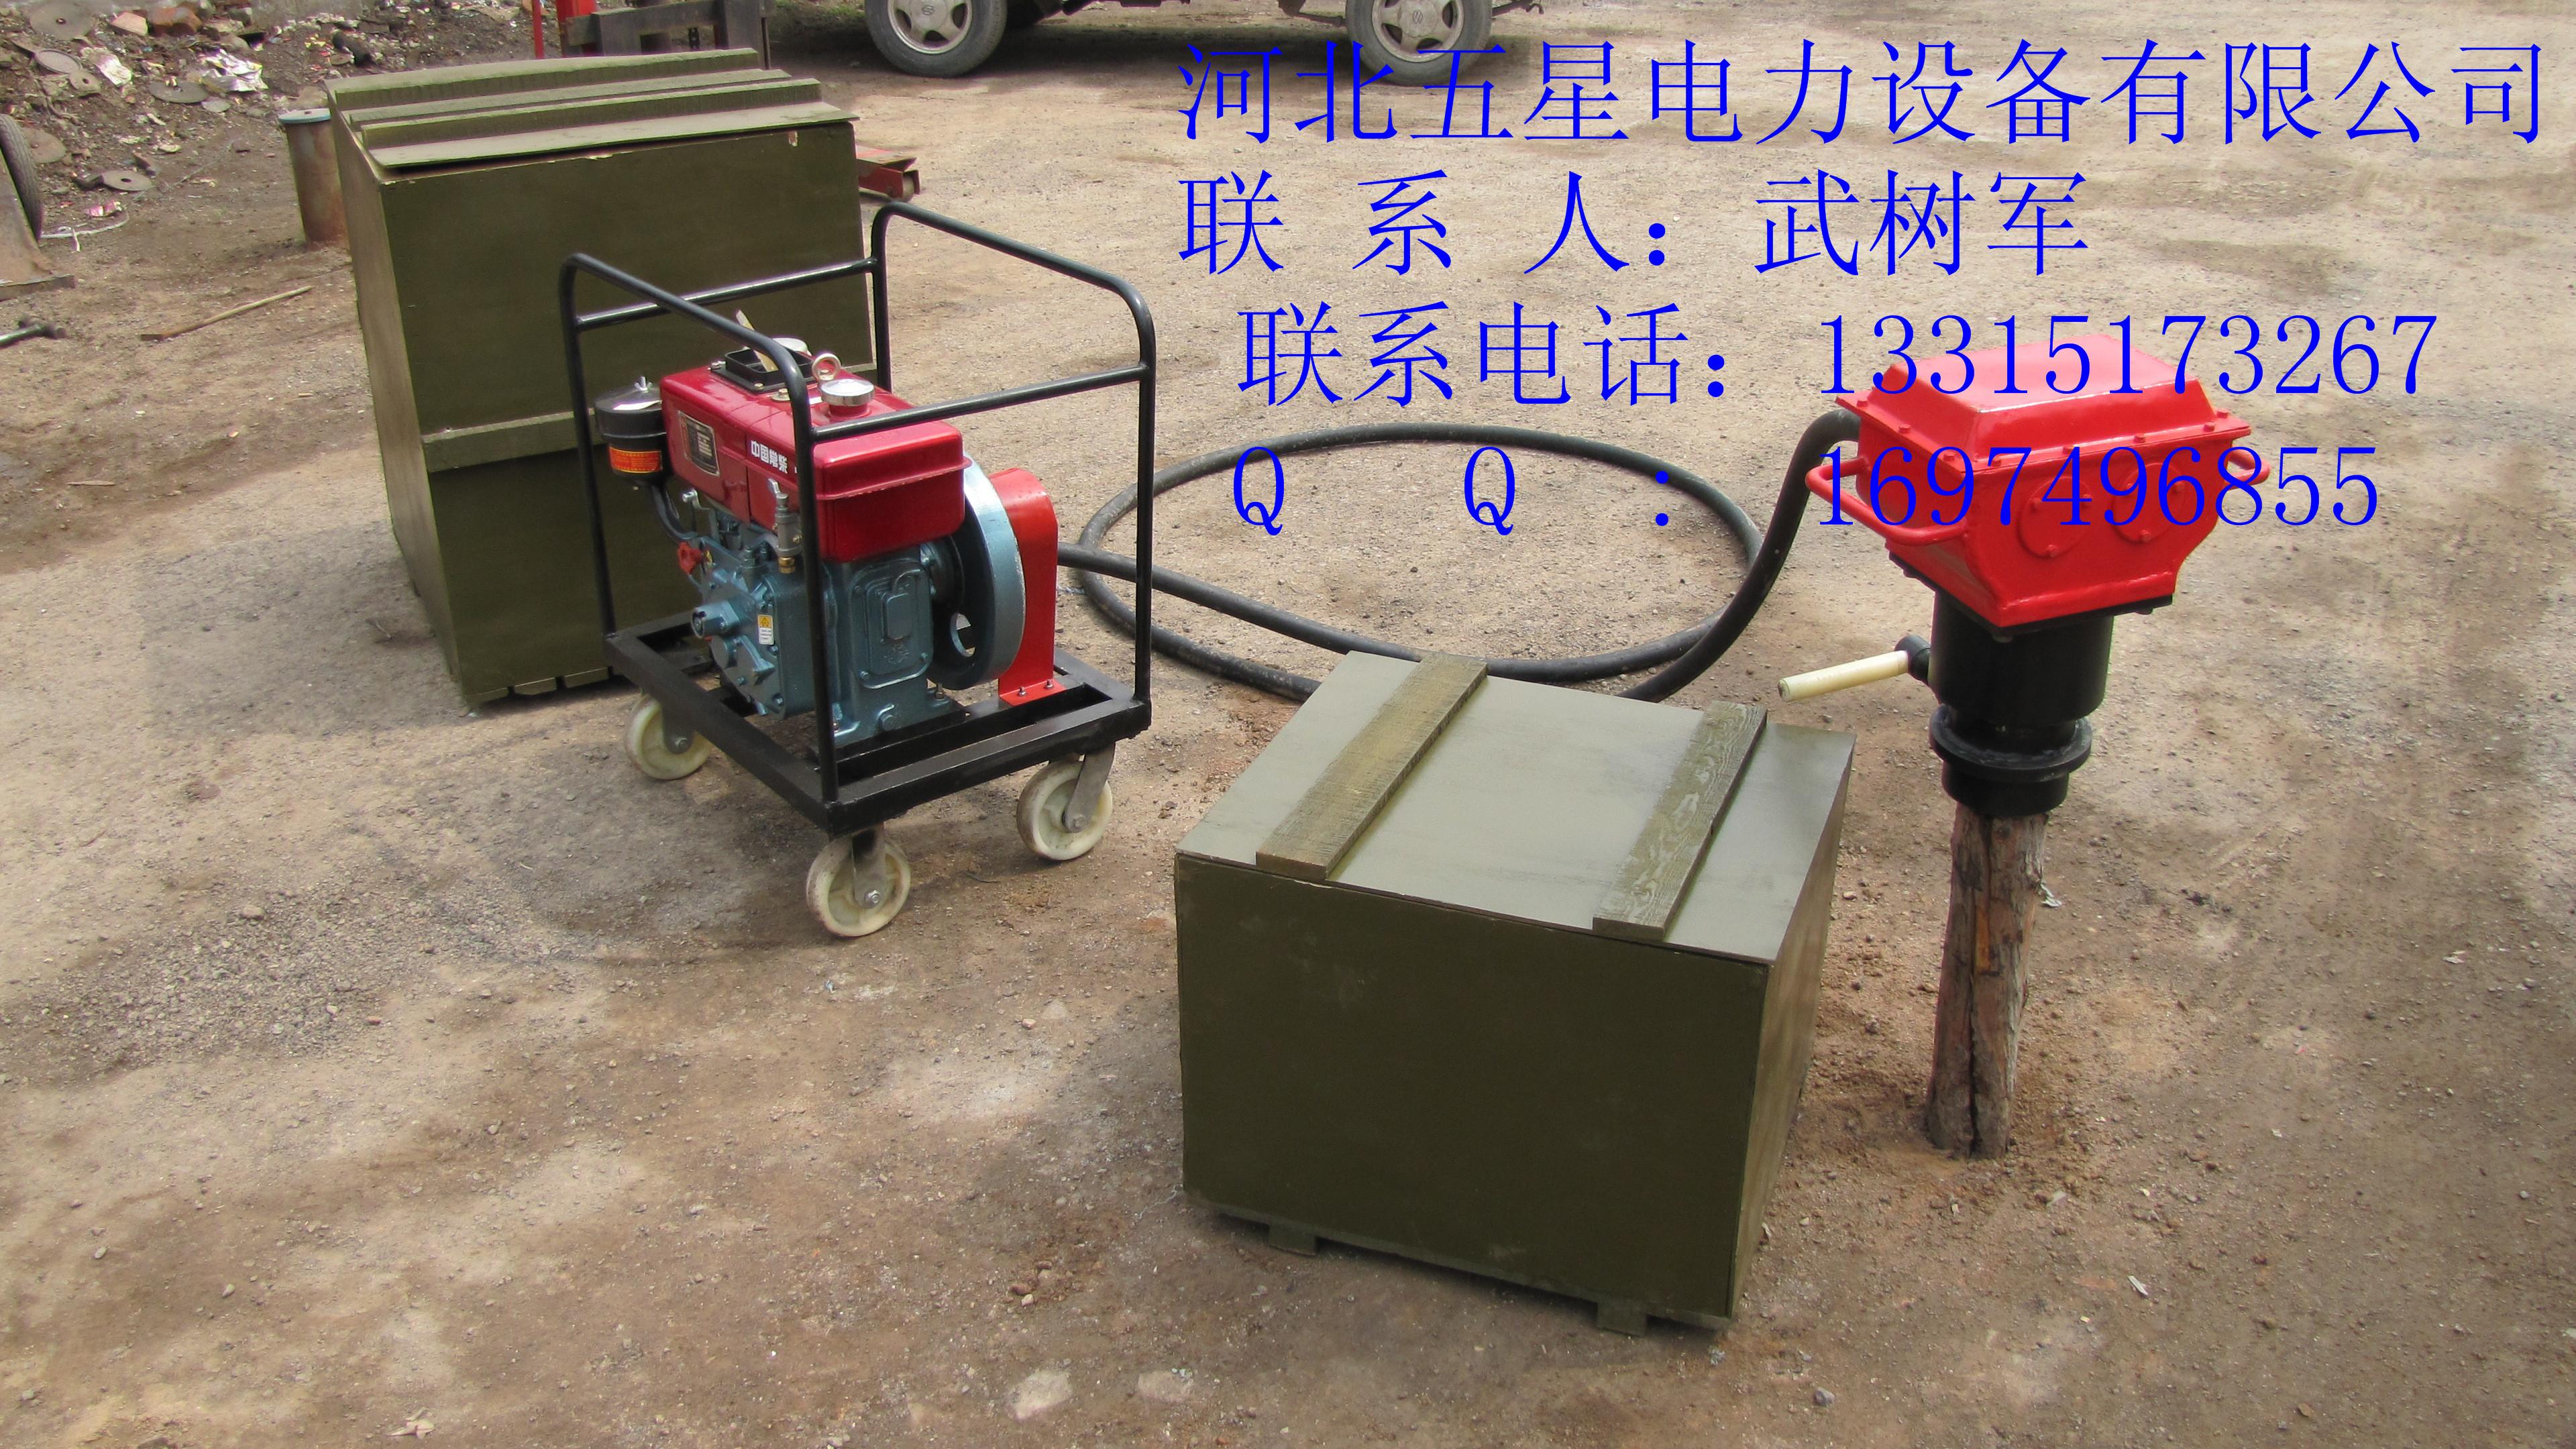 防汛植桩机的参数图片